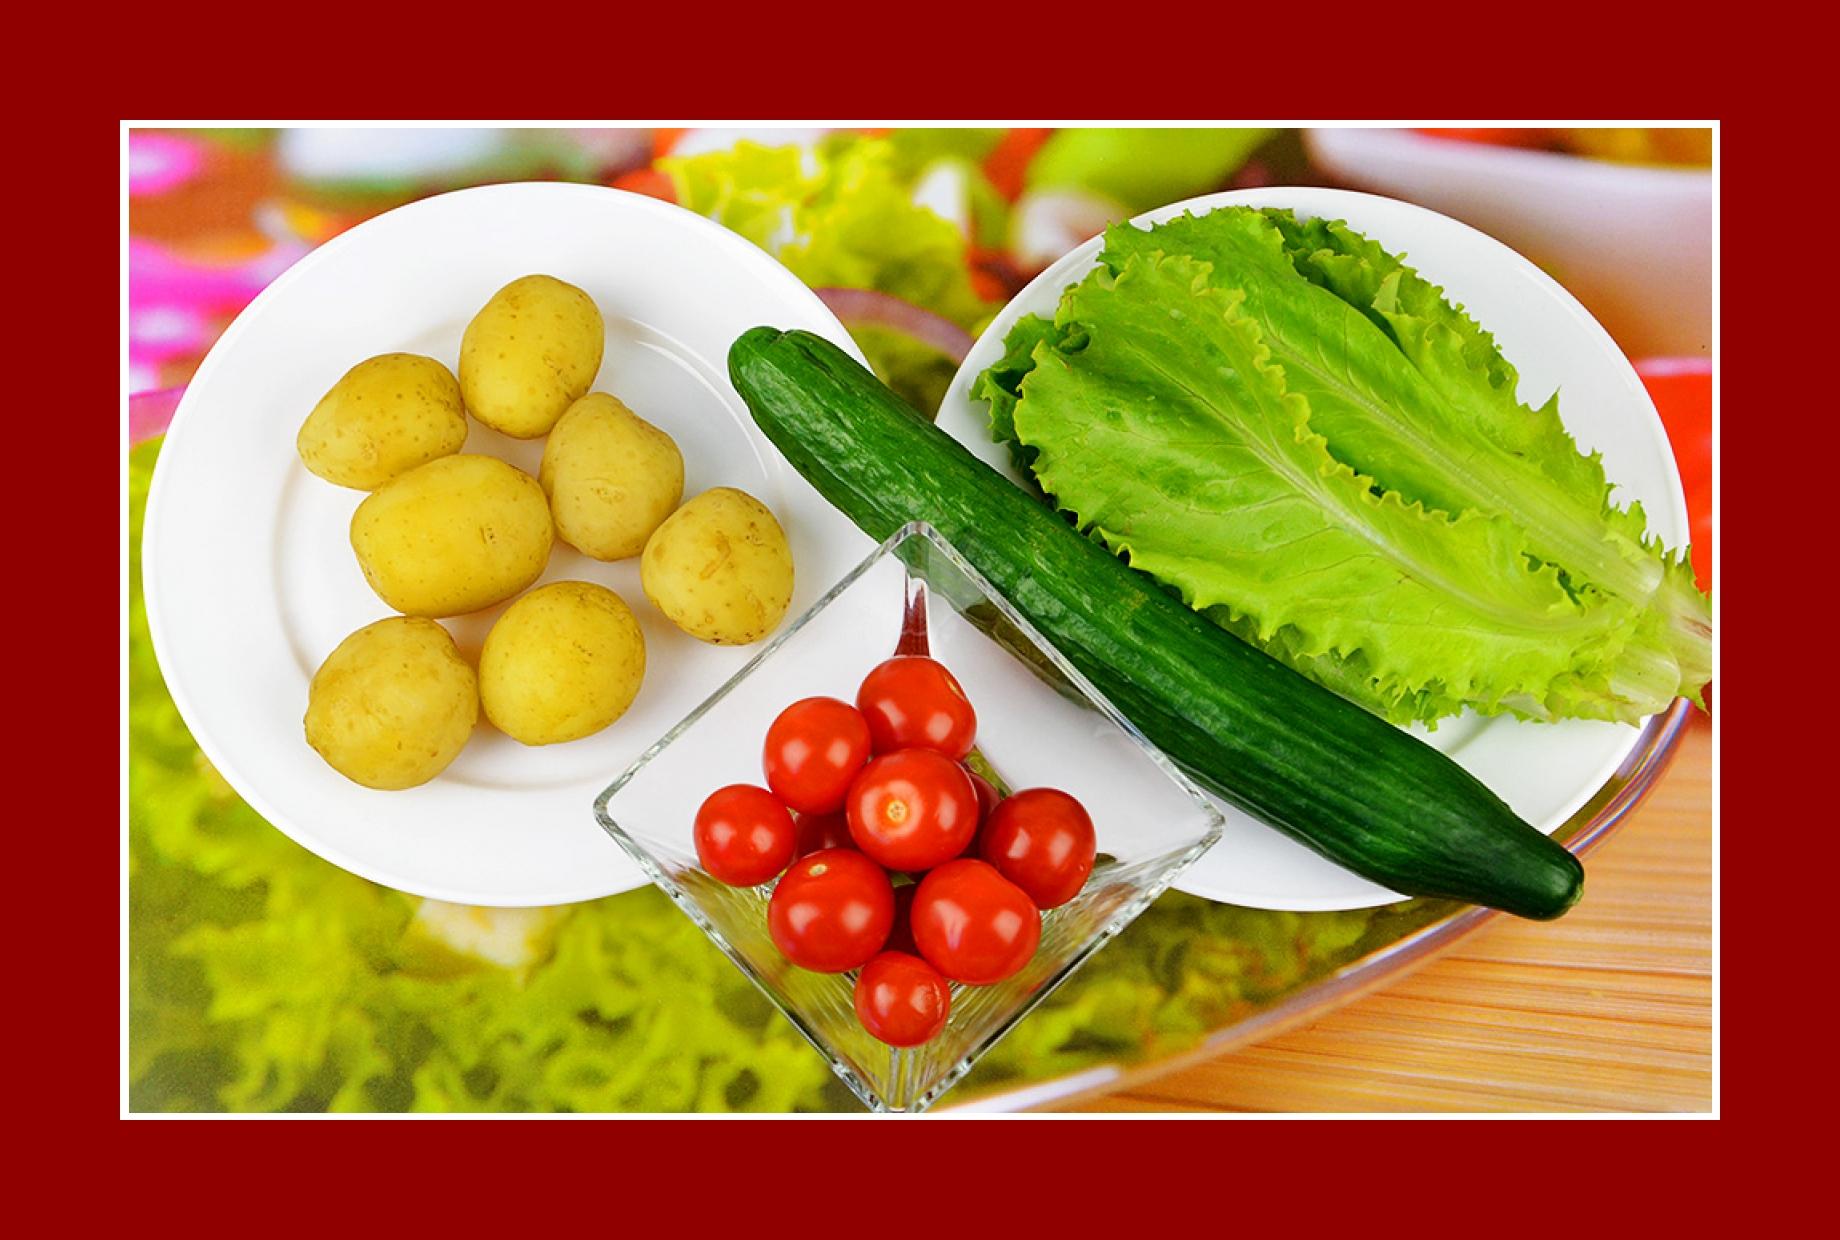 Kartoffelsalat Eisbergsalat Tomatensalat Gurkensalat